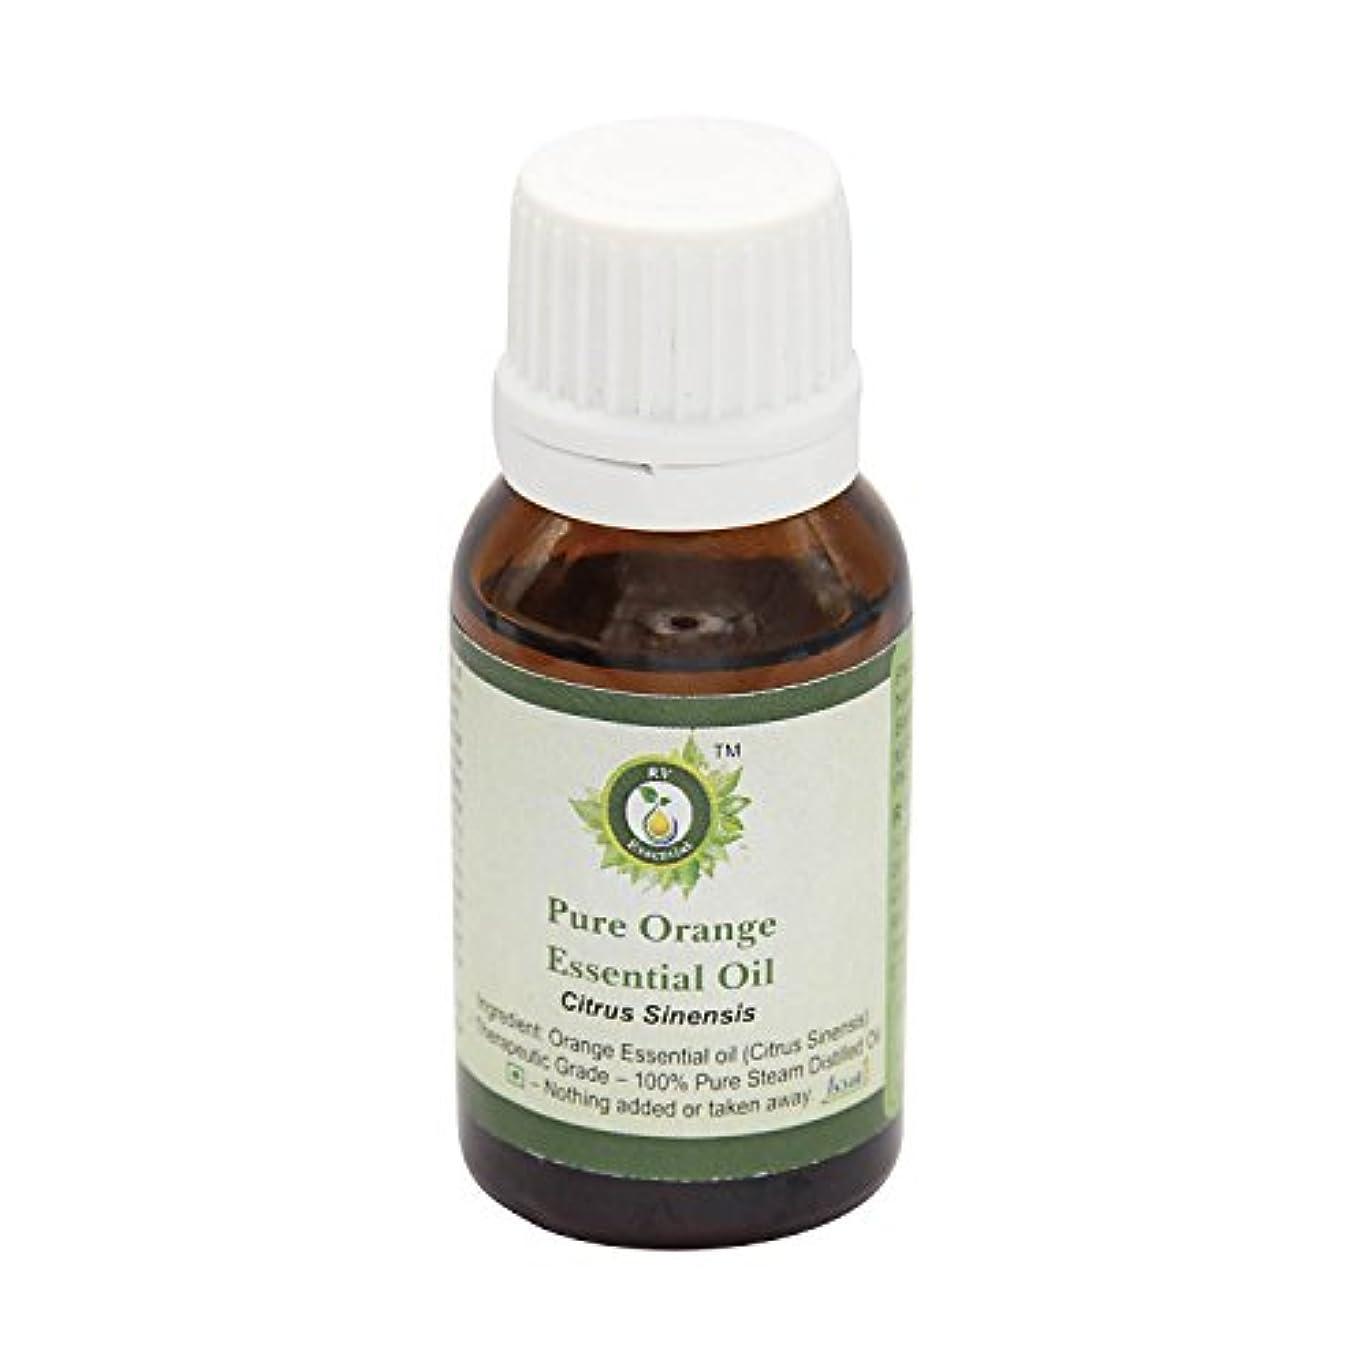 ぺディカブ予測する野ウサギR V Essential ピュアオレンジエッセンシャルオイル30ml (1.01oz)- Citrus Sinensis (100%純粋&天然スチームDistilled) Pure Orange Essential Oil